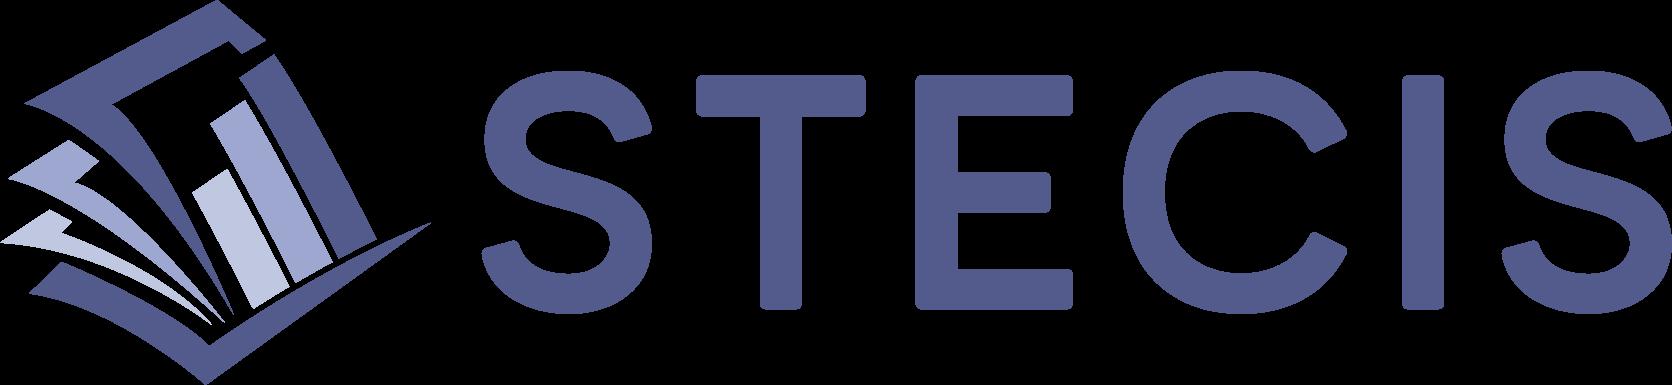 Stecis